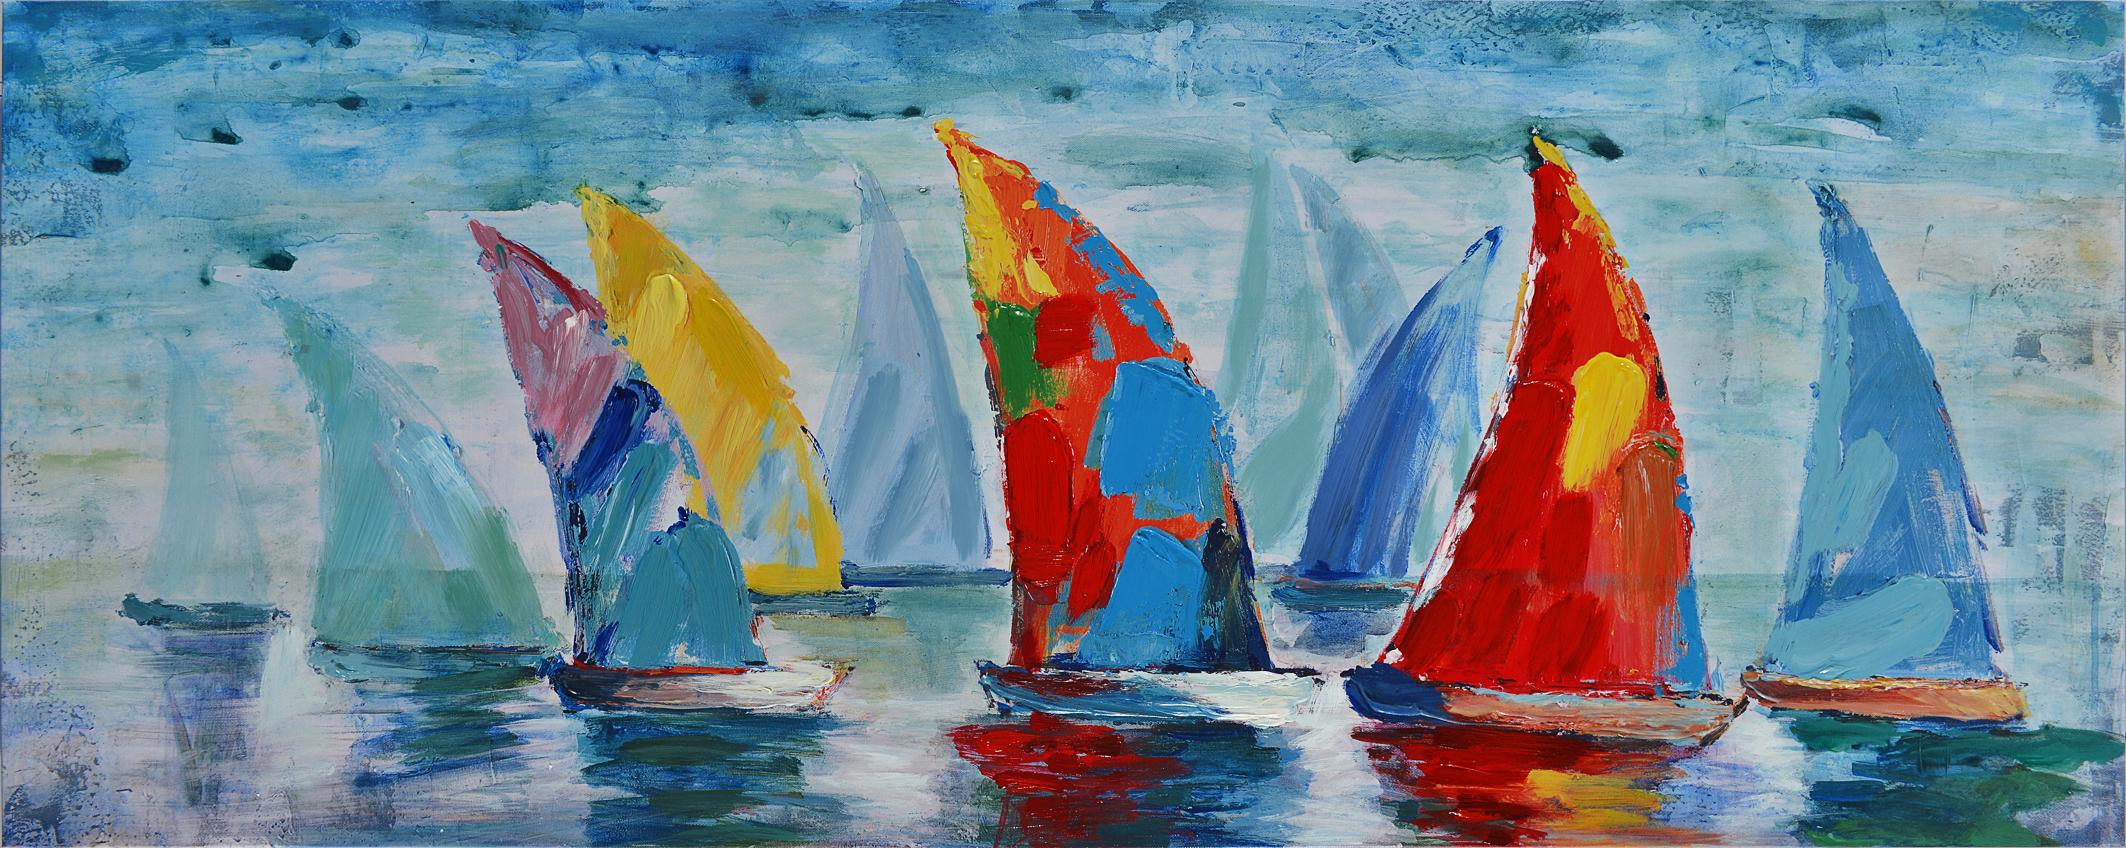 schilderij kleurrijke zeilbootjes CH88 150x60cm